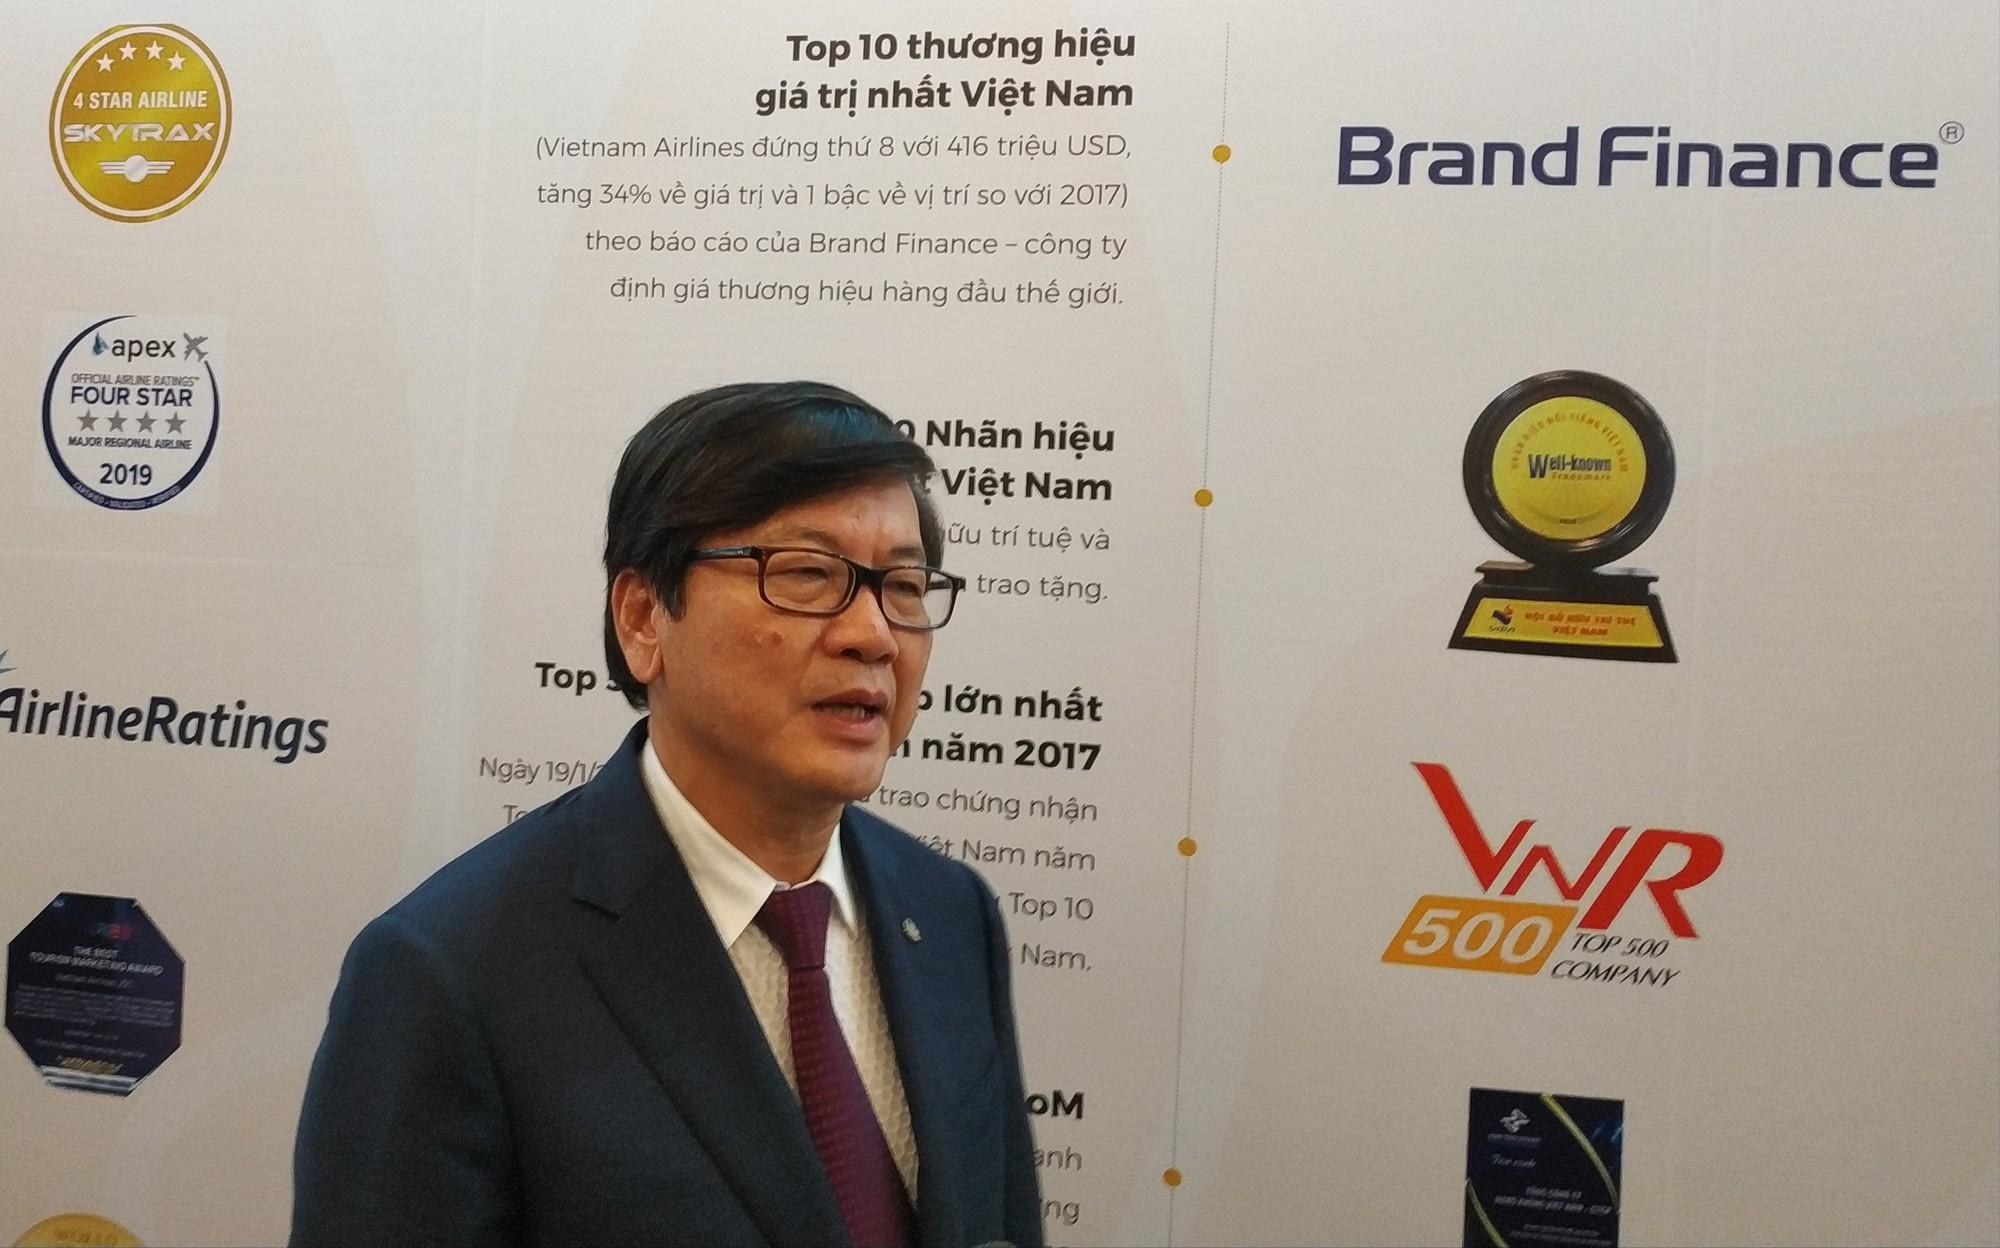 Vietnam Airlines lùi ngày đại hội cổ đông sang tháng 7 - Ảnh 1.